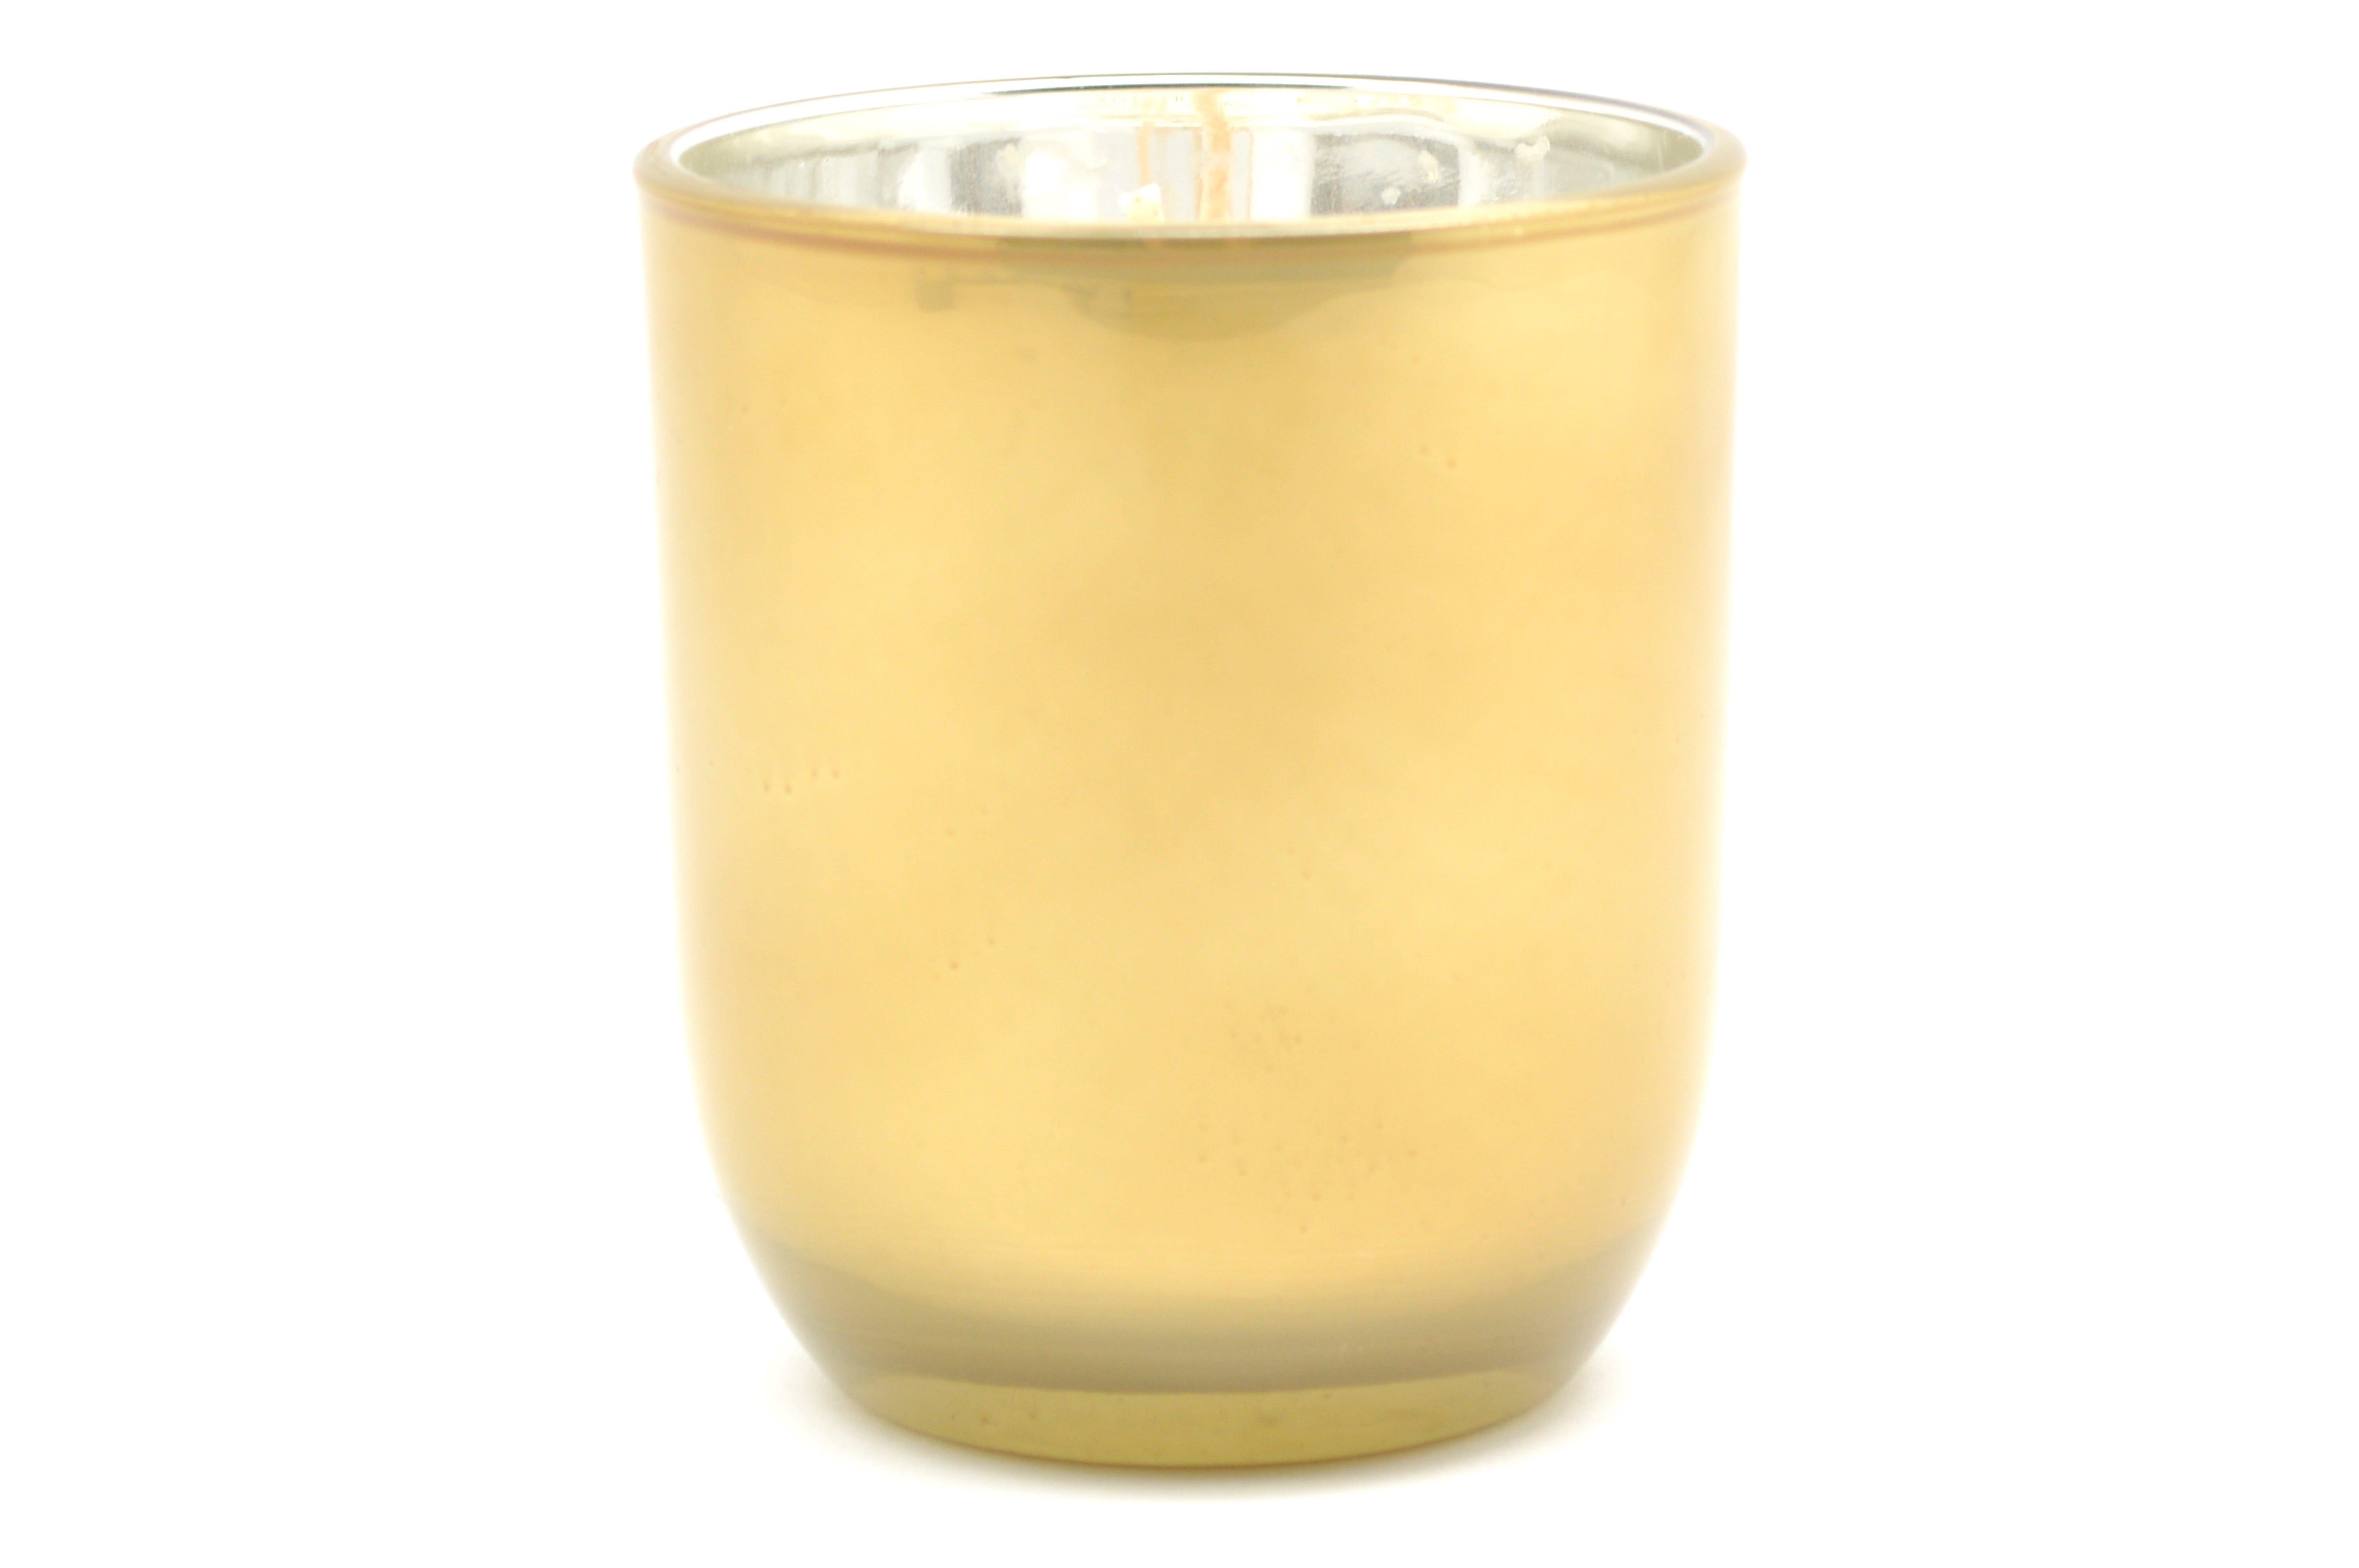 Vela en vaso MM aroma vainilla, 40 g